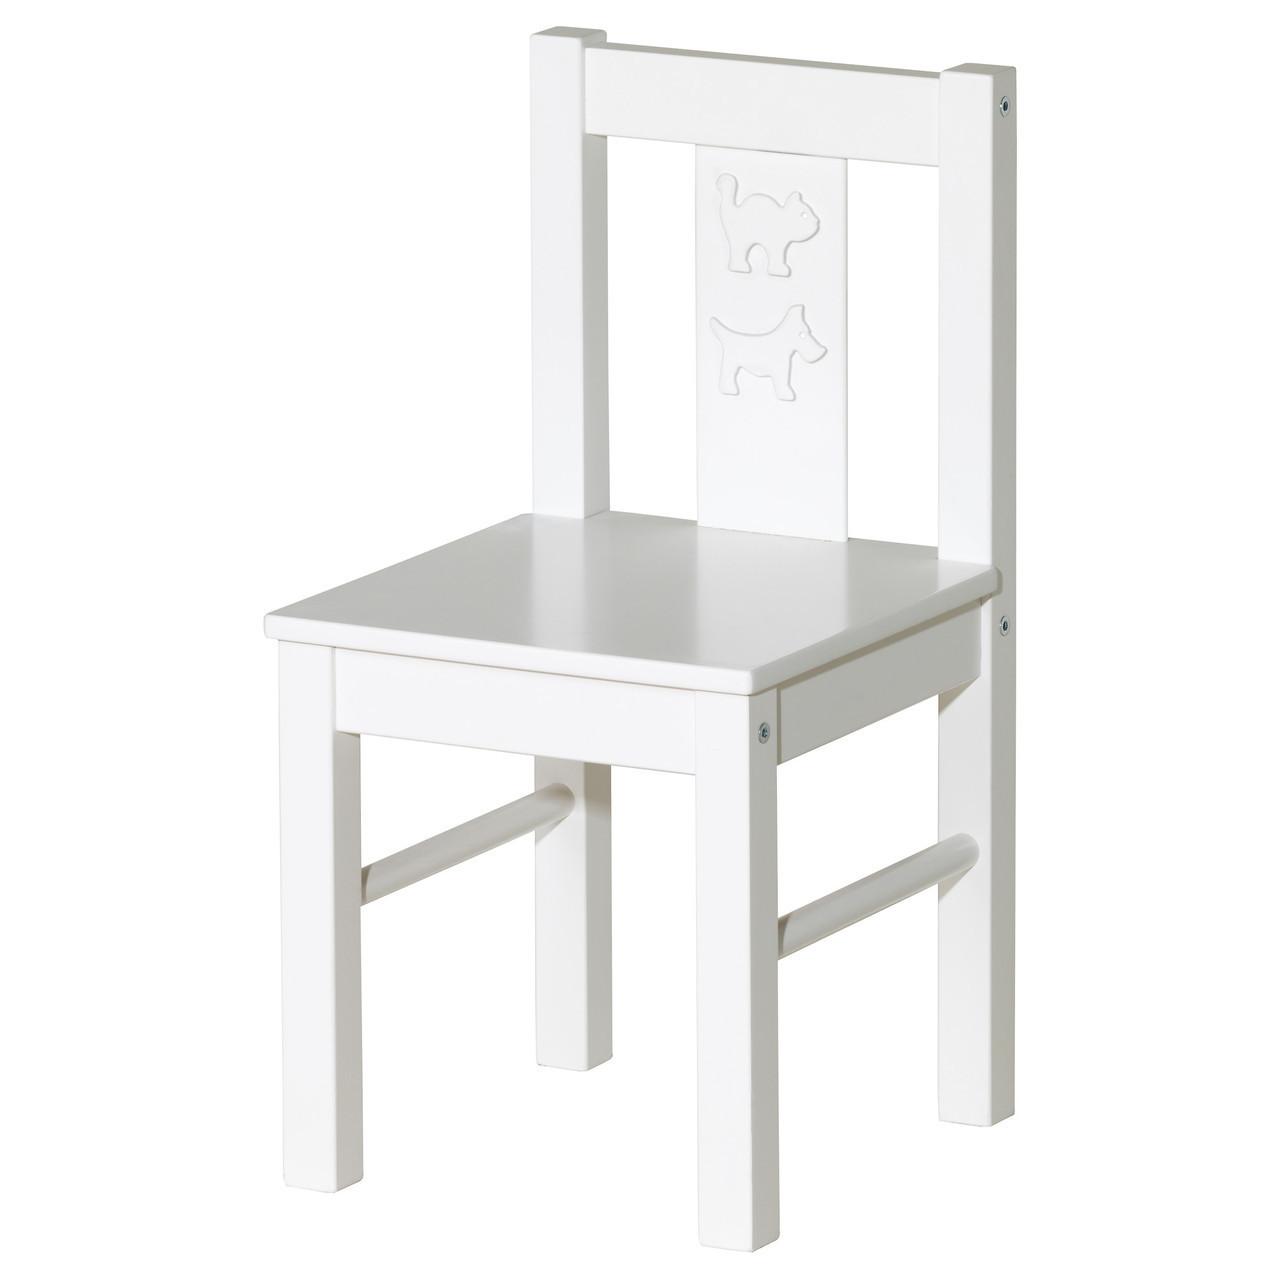 KRITTER Детский стул, белый 401.536.99